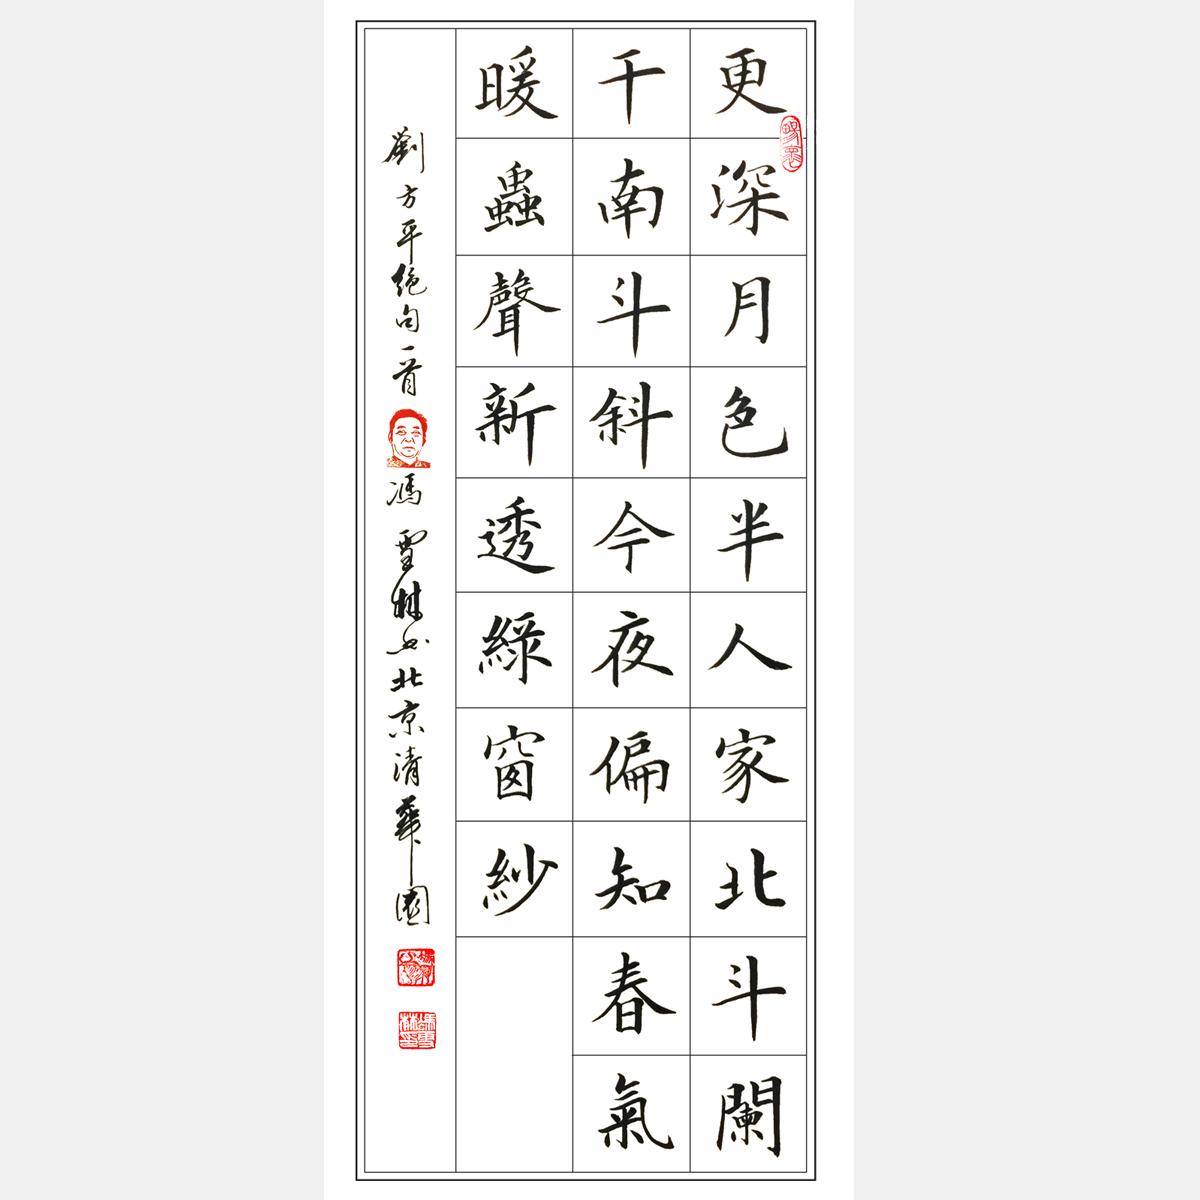 唐代诗人刘方平七言绝句《月夜》楷书 条幅